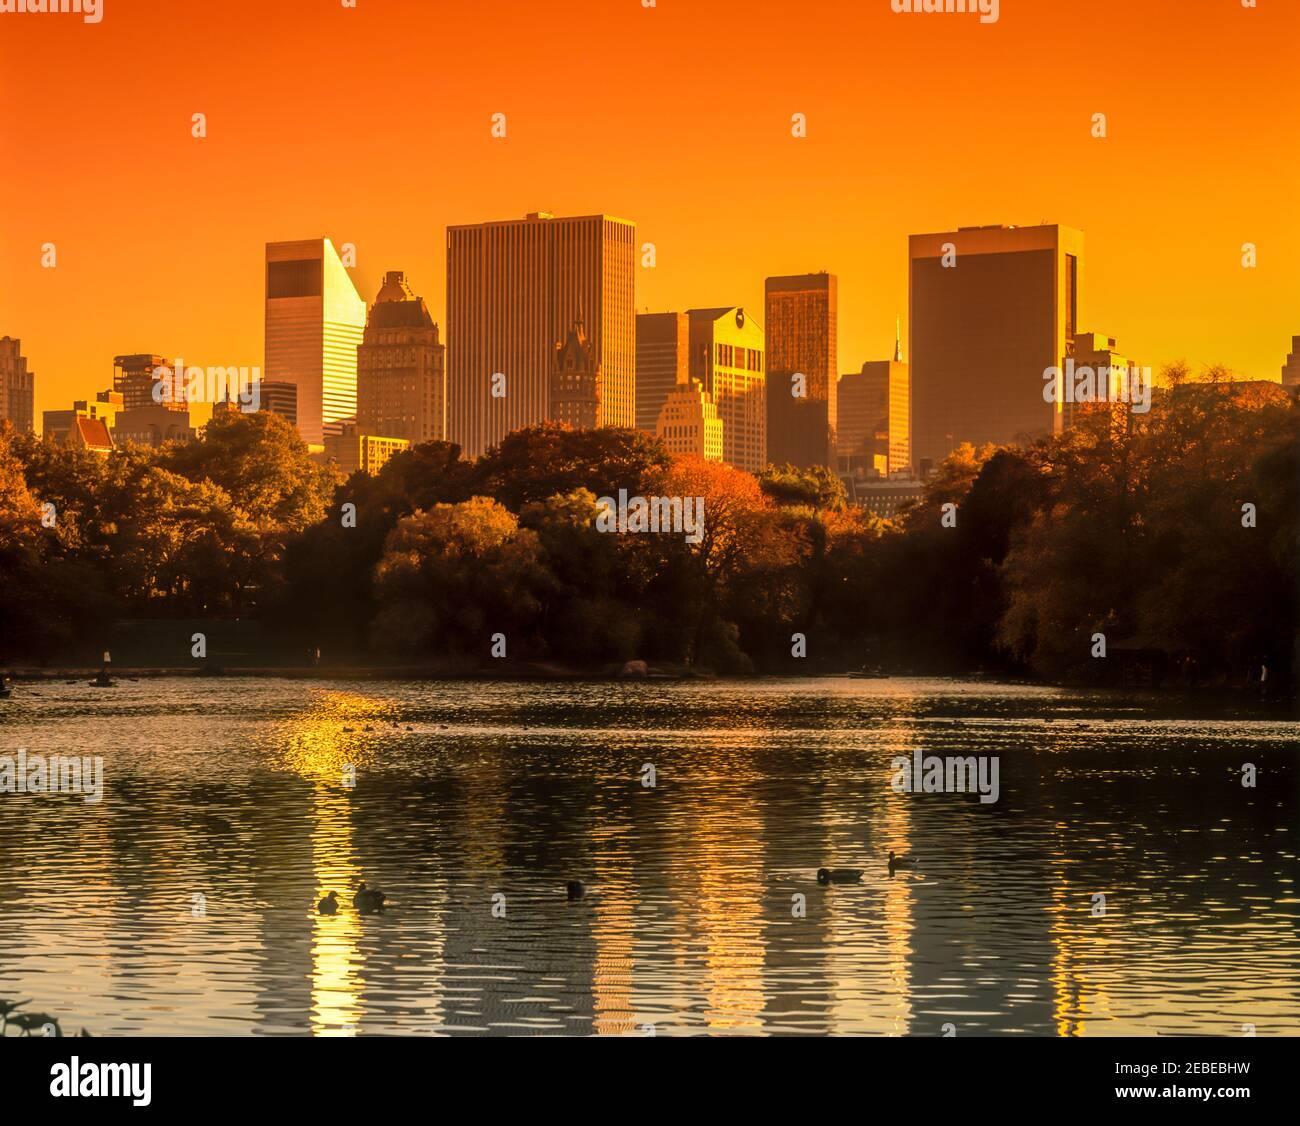 2001 HISTORIQUE MIDTOWN SKYLINE LAKE CENTRAL PARK MANHATTAN NEW YORK VILLE ÉTATS-UNIS Banque D'Images